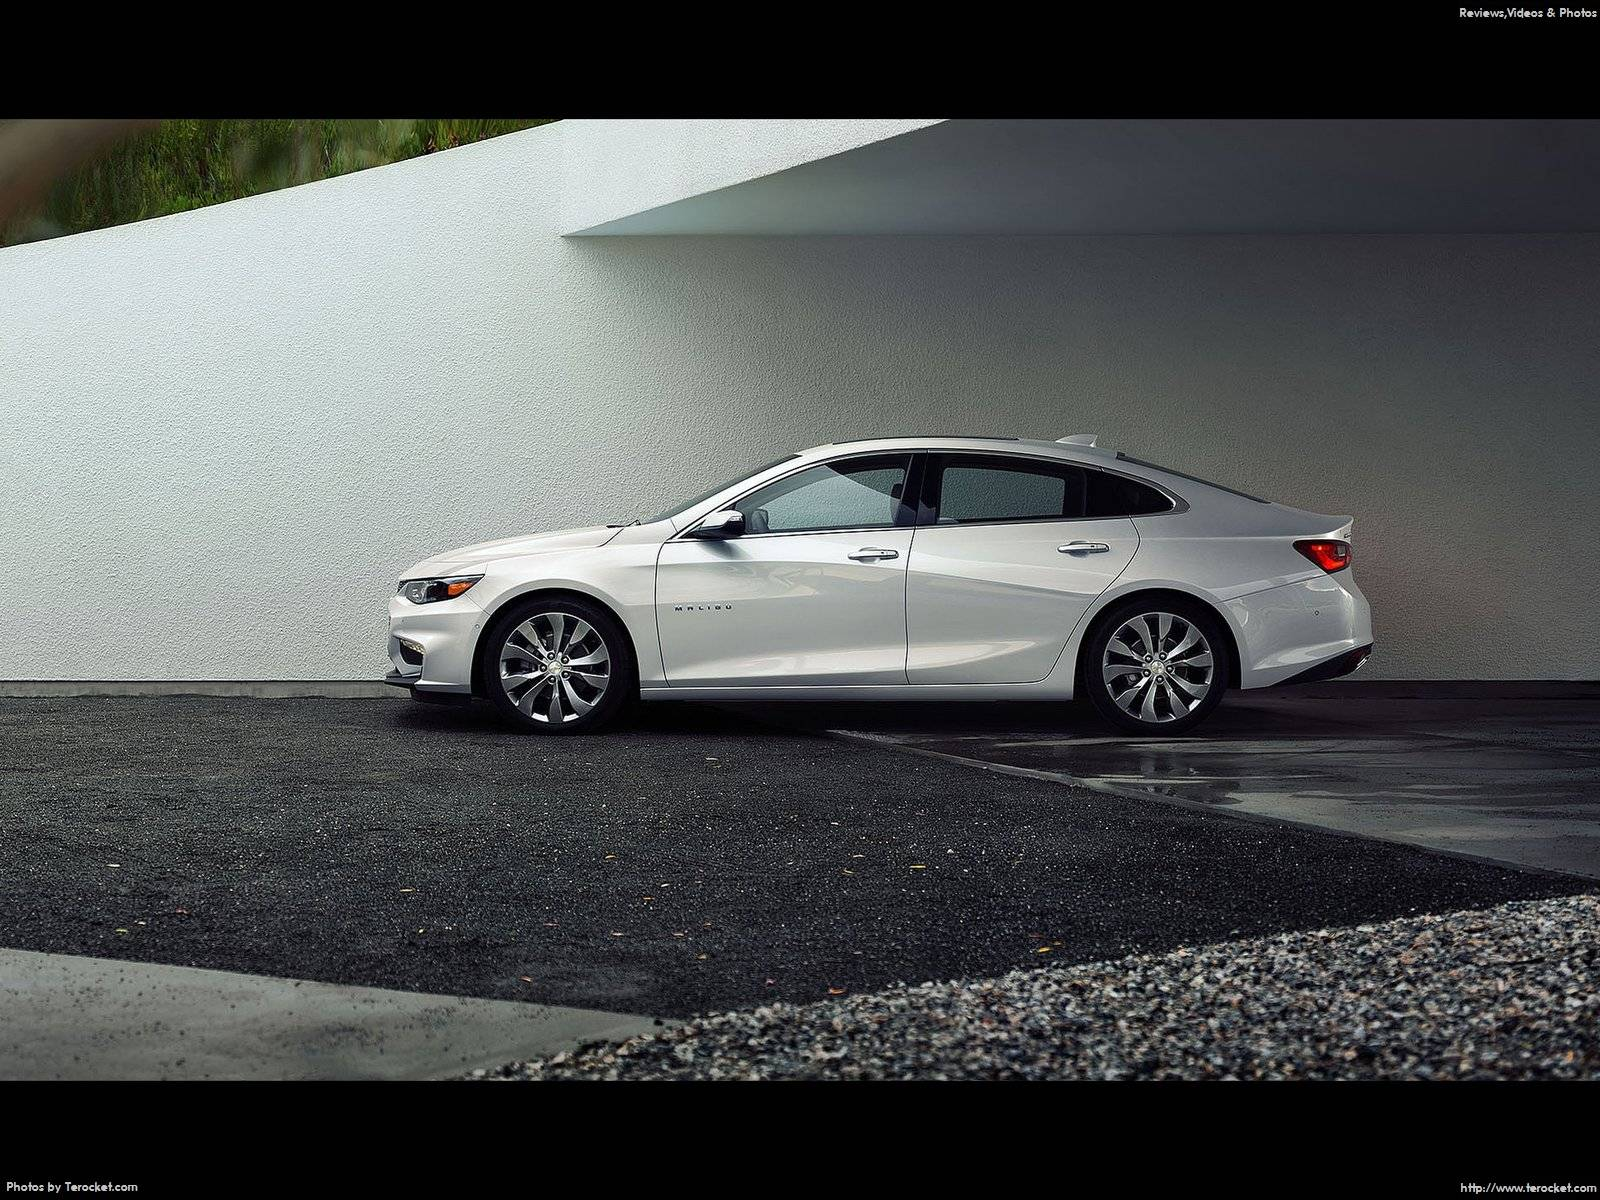 Hình ảnh xe ô tô Chevrolet Malibu 2016 & nội ngoại thất